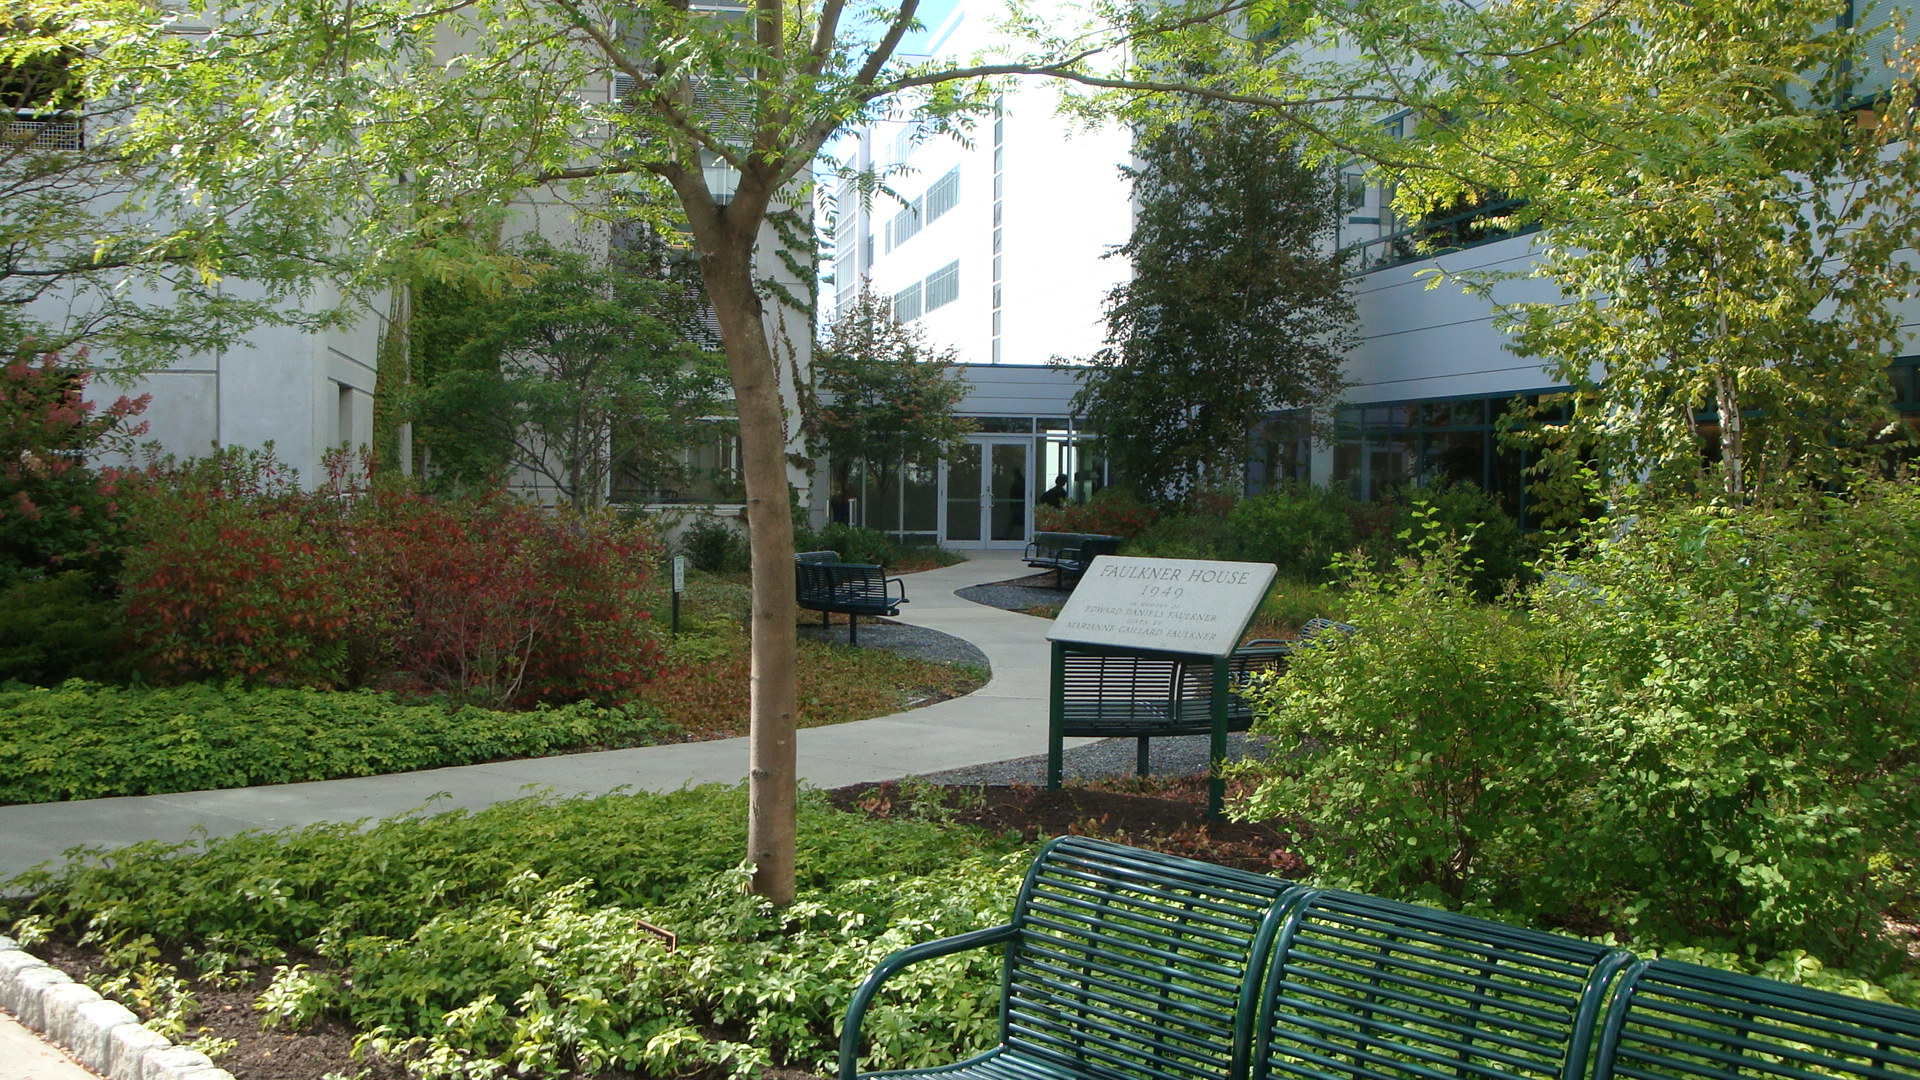 DHMC Hope Garden